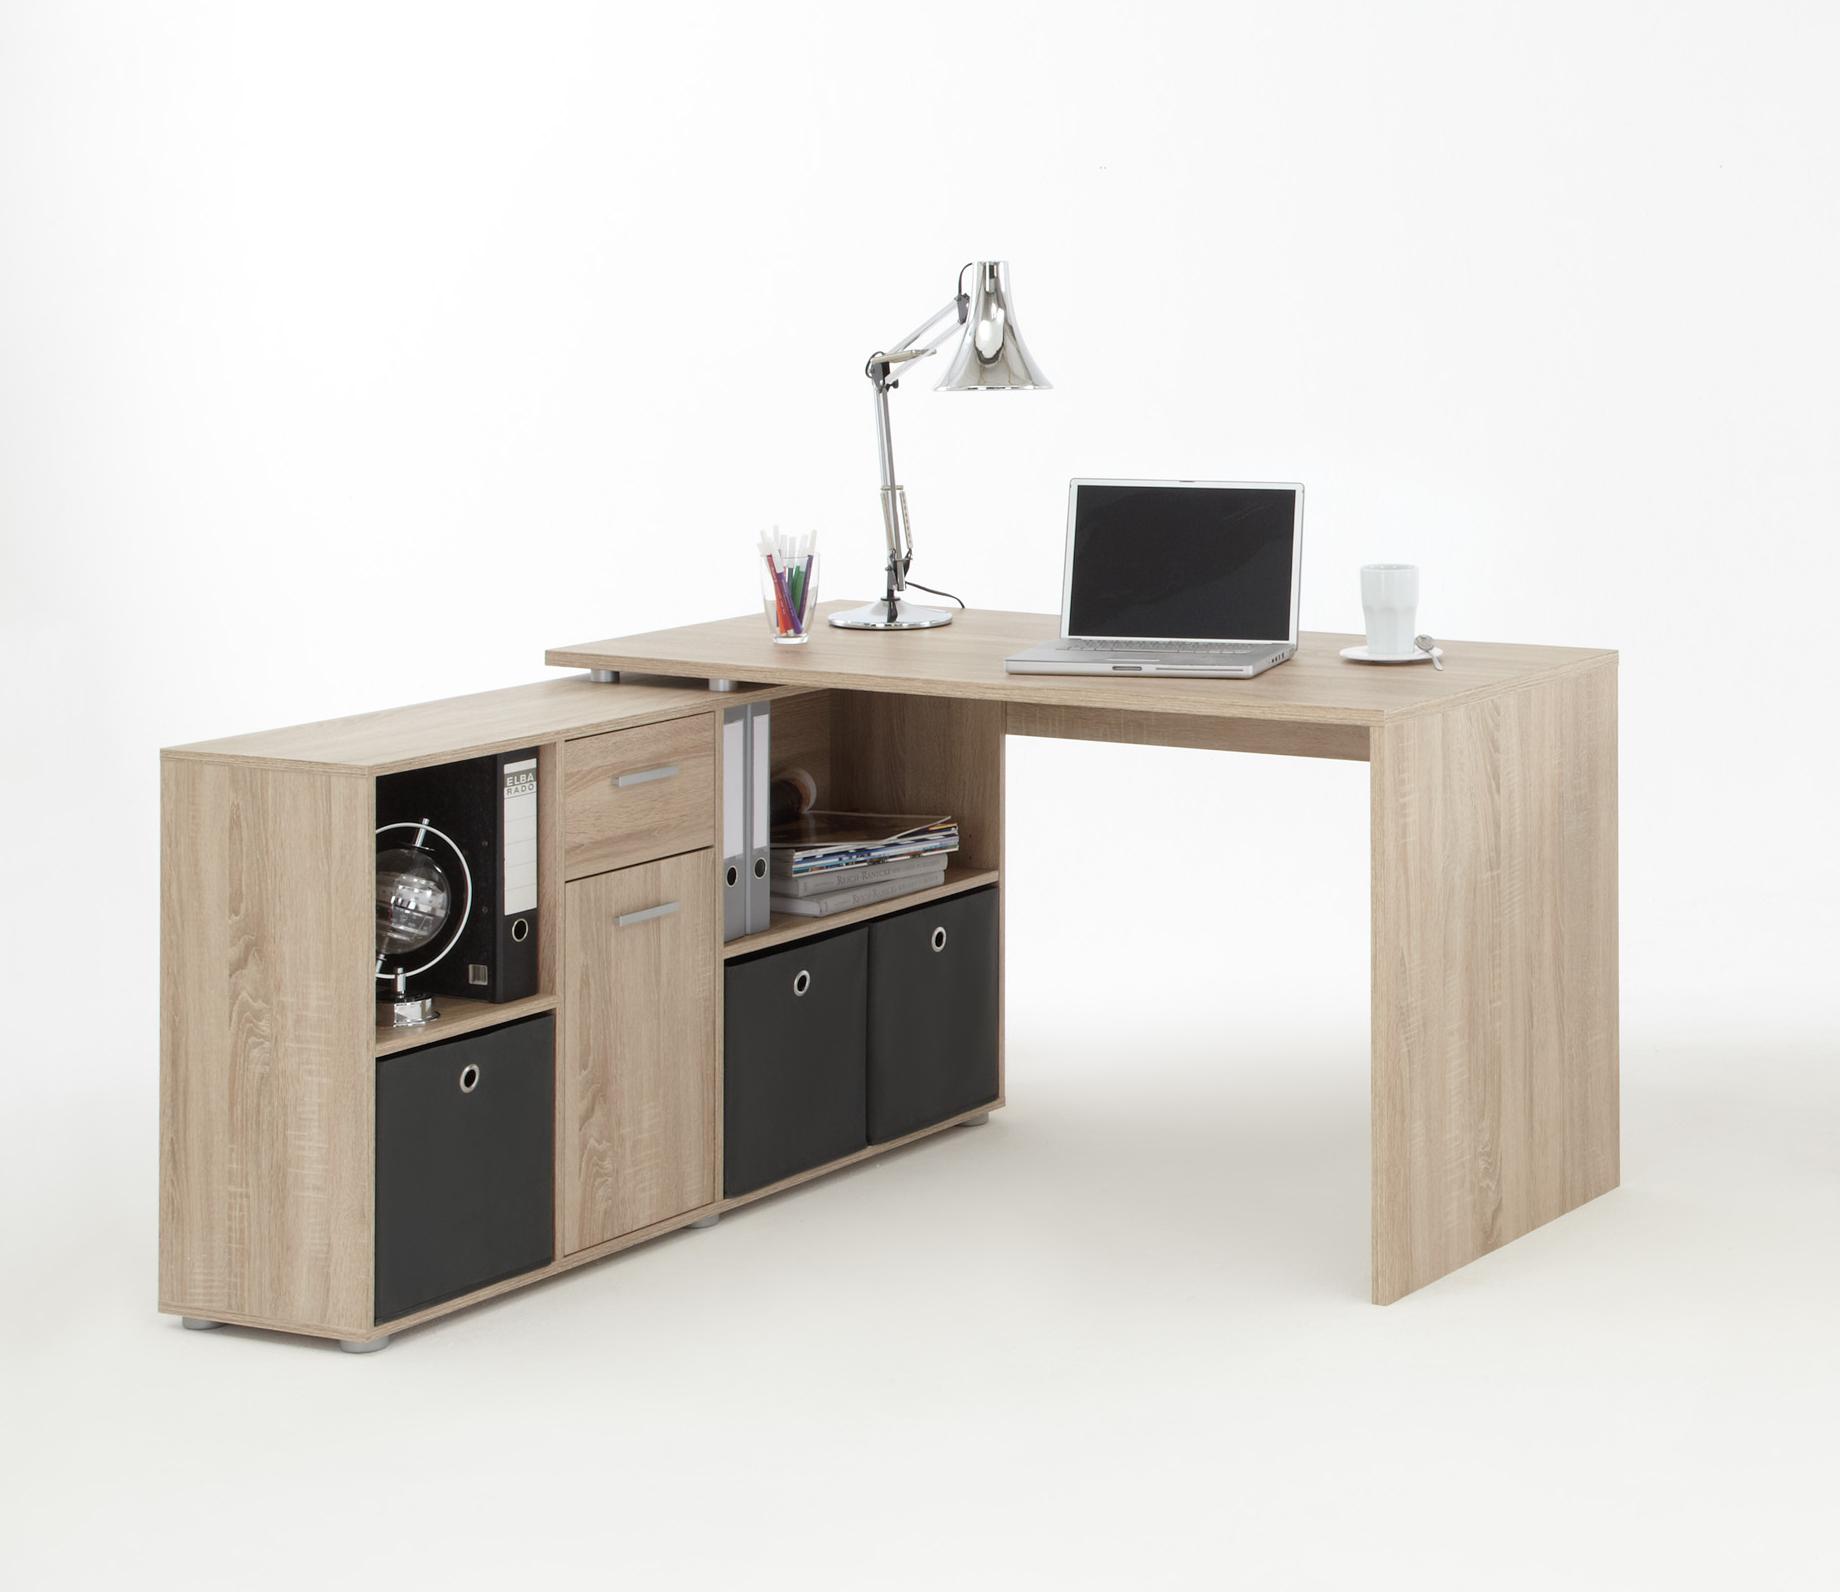 Lex winkelkombination eiche dekor schreibtisch for Schreibtisch eiche dekor